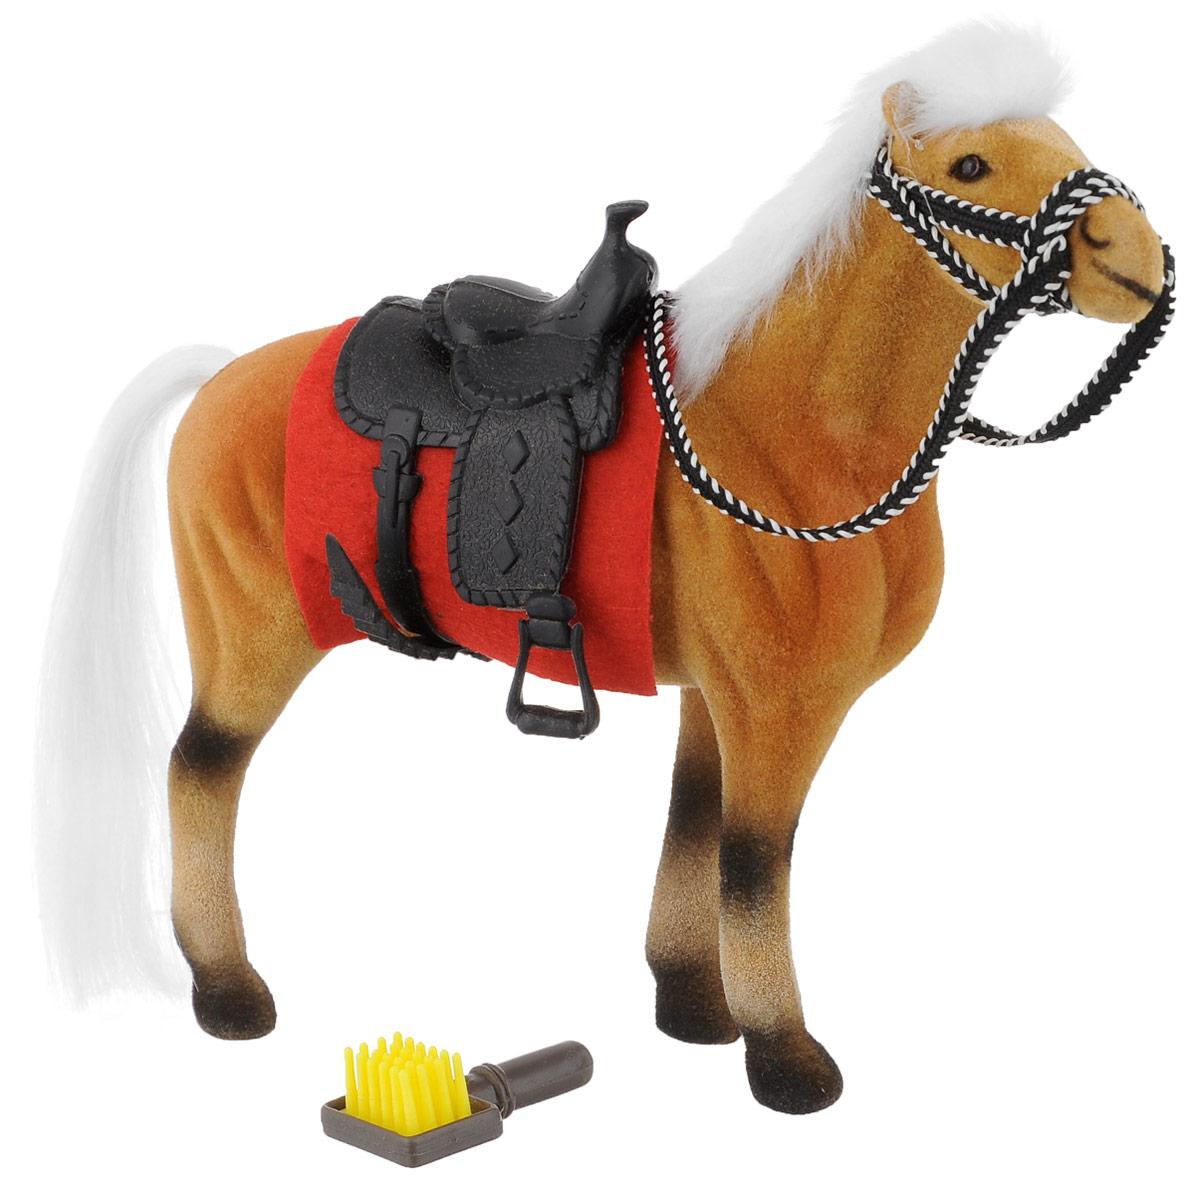 Играем вместе Фигурка Лошадь цвет рыжий 17 см игровые фигурки играем вместе лошадь 14см